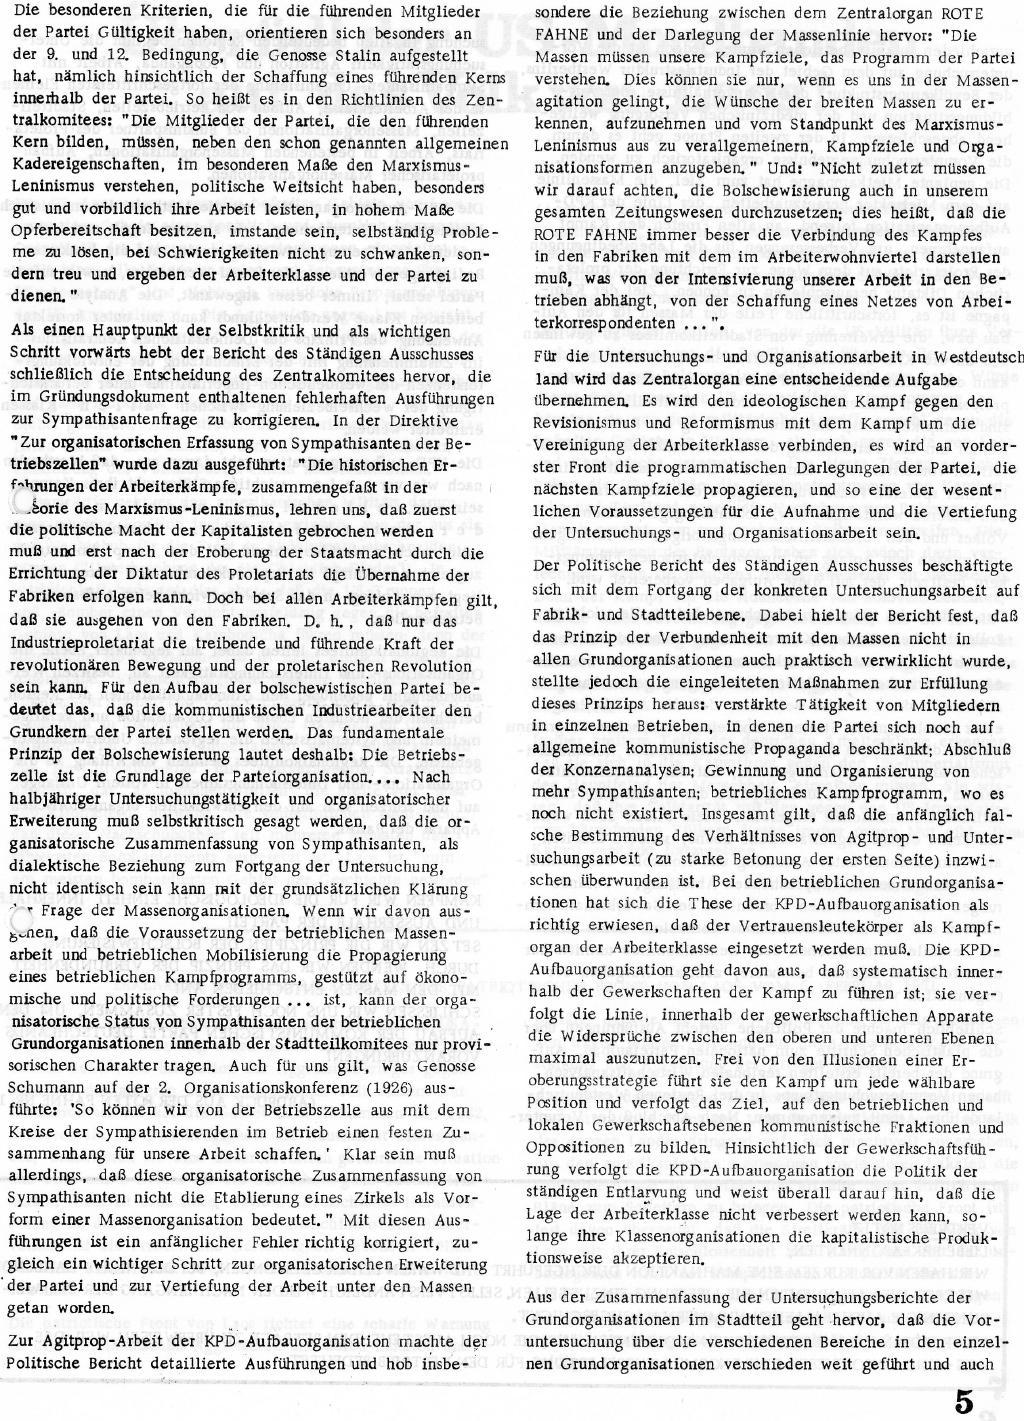 RPK_1971_102_05